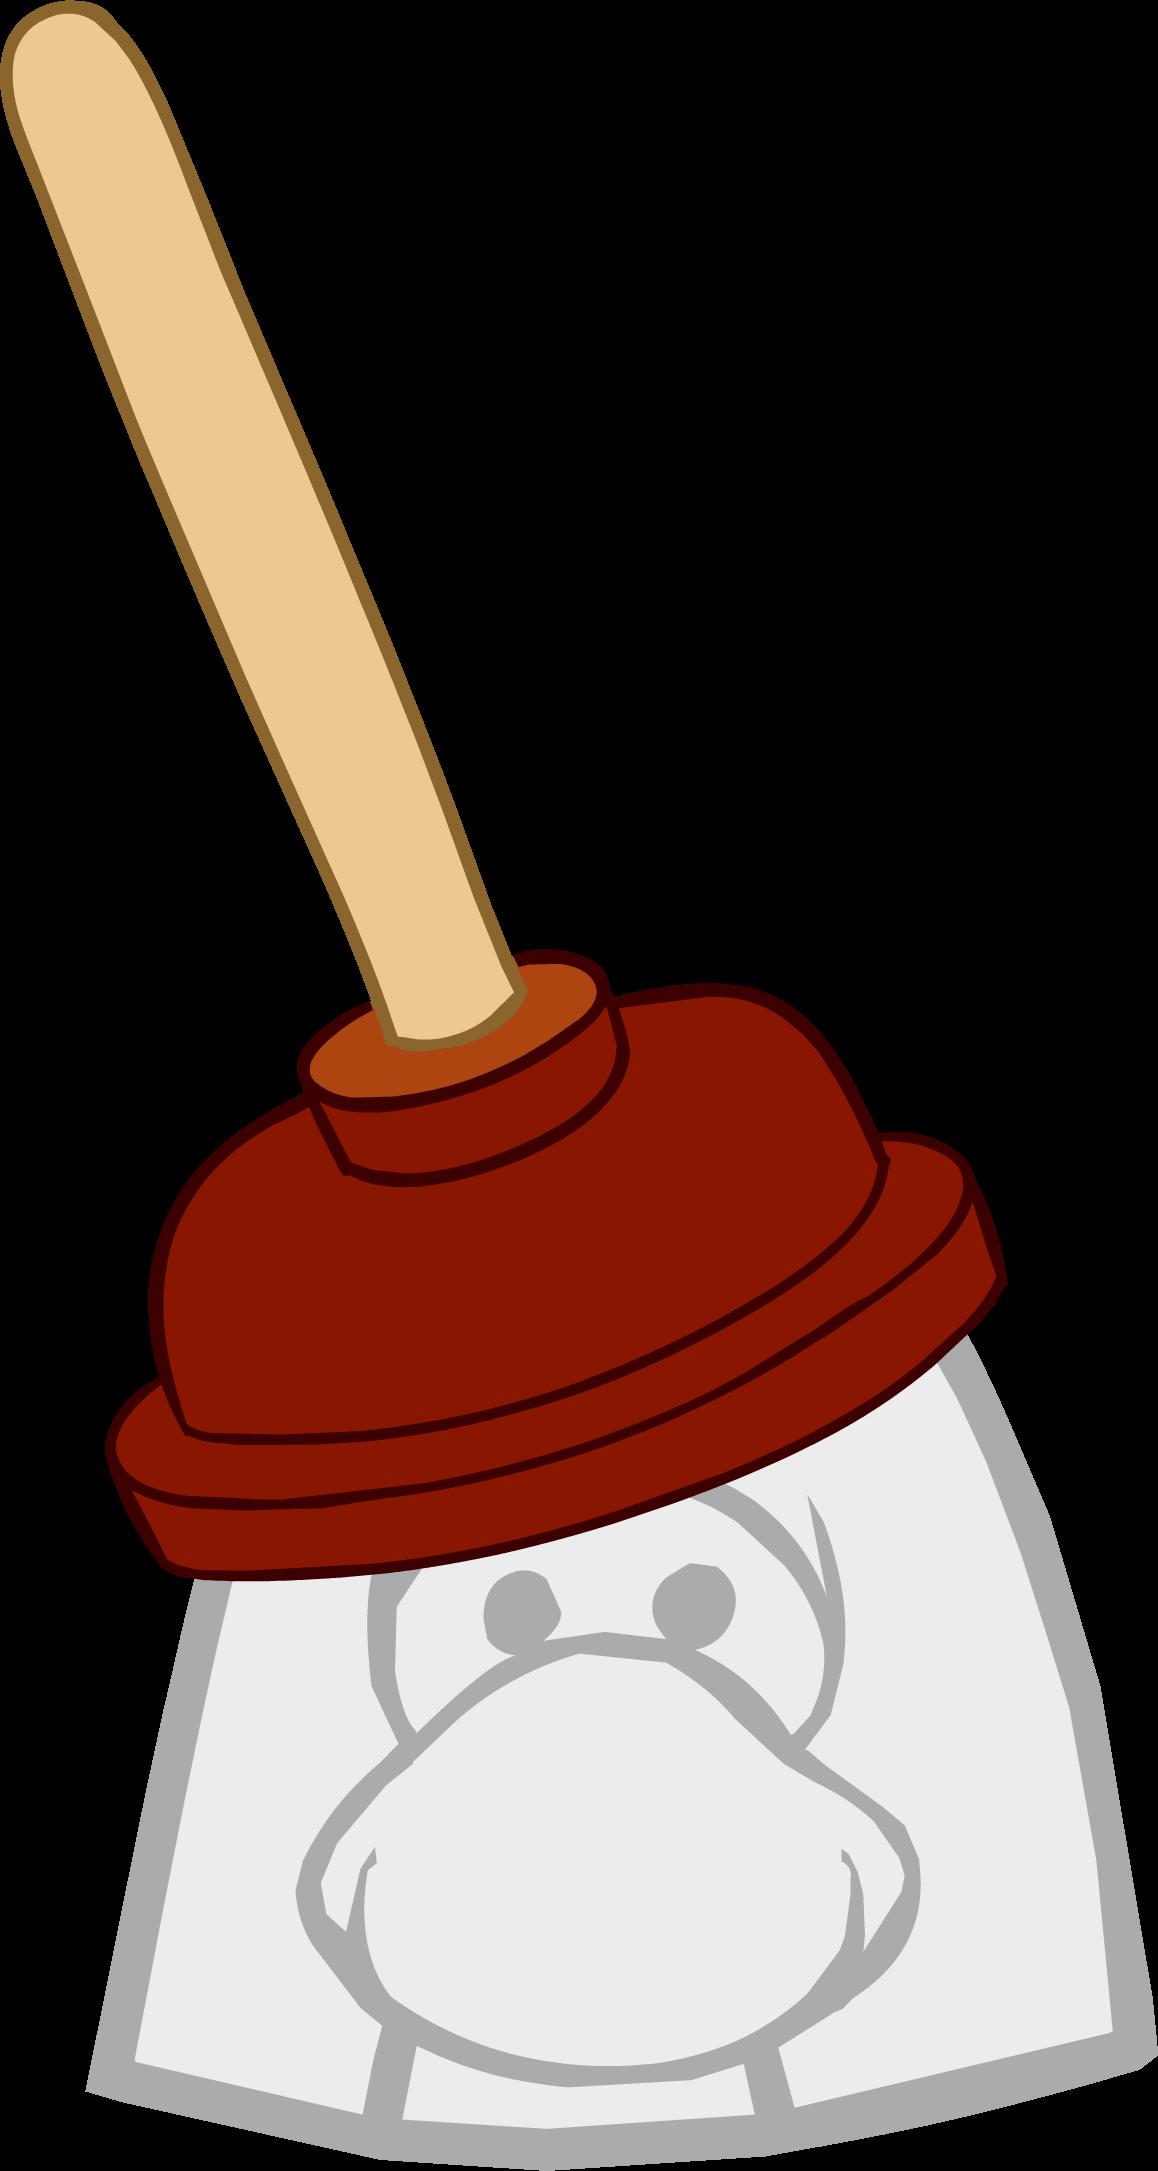 Sombrero de Destapacaños